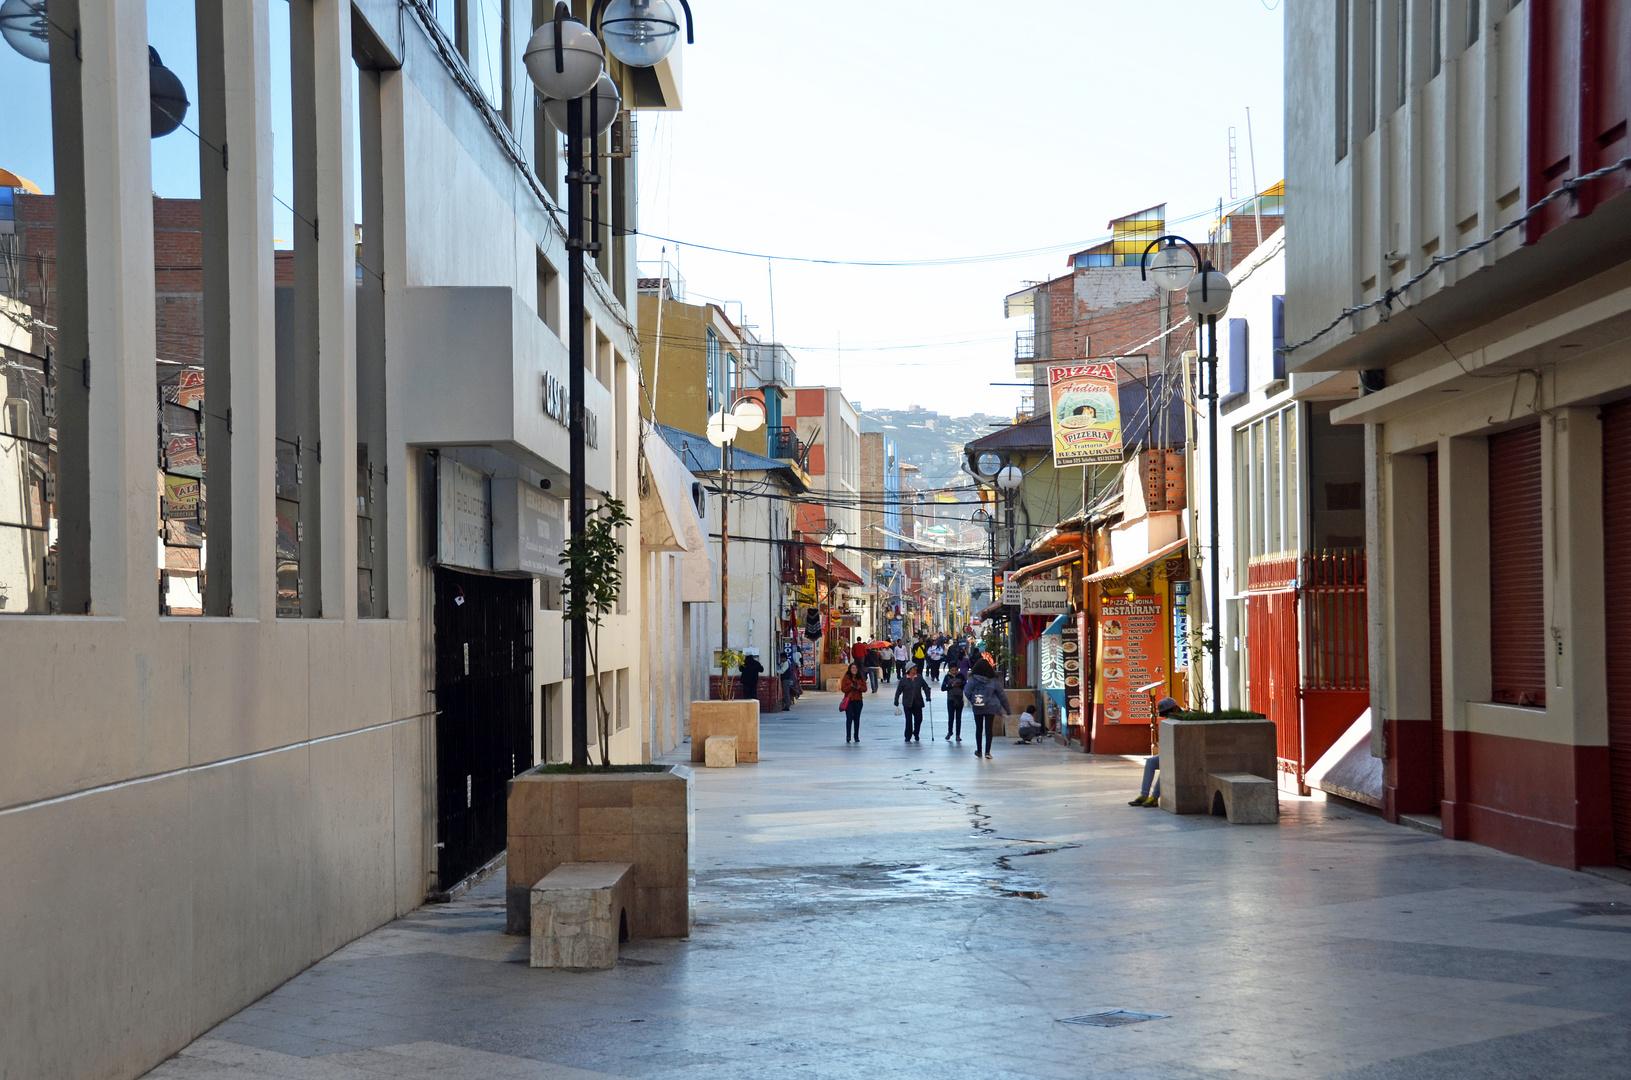 Fußgängerzone in der Stadt Puno